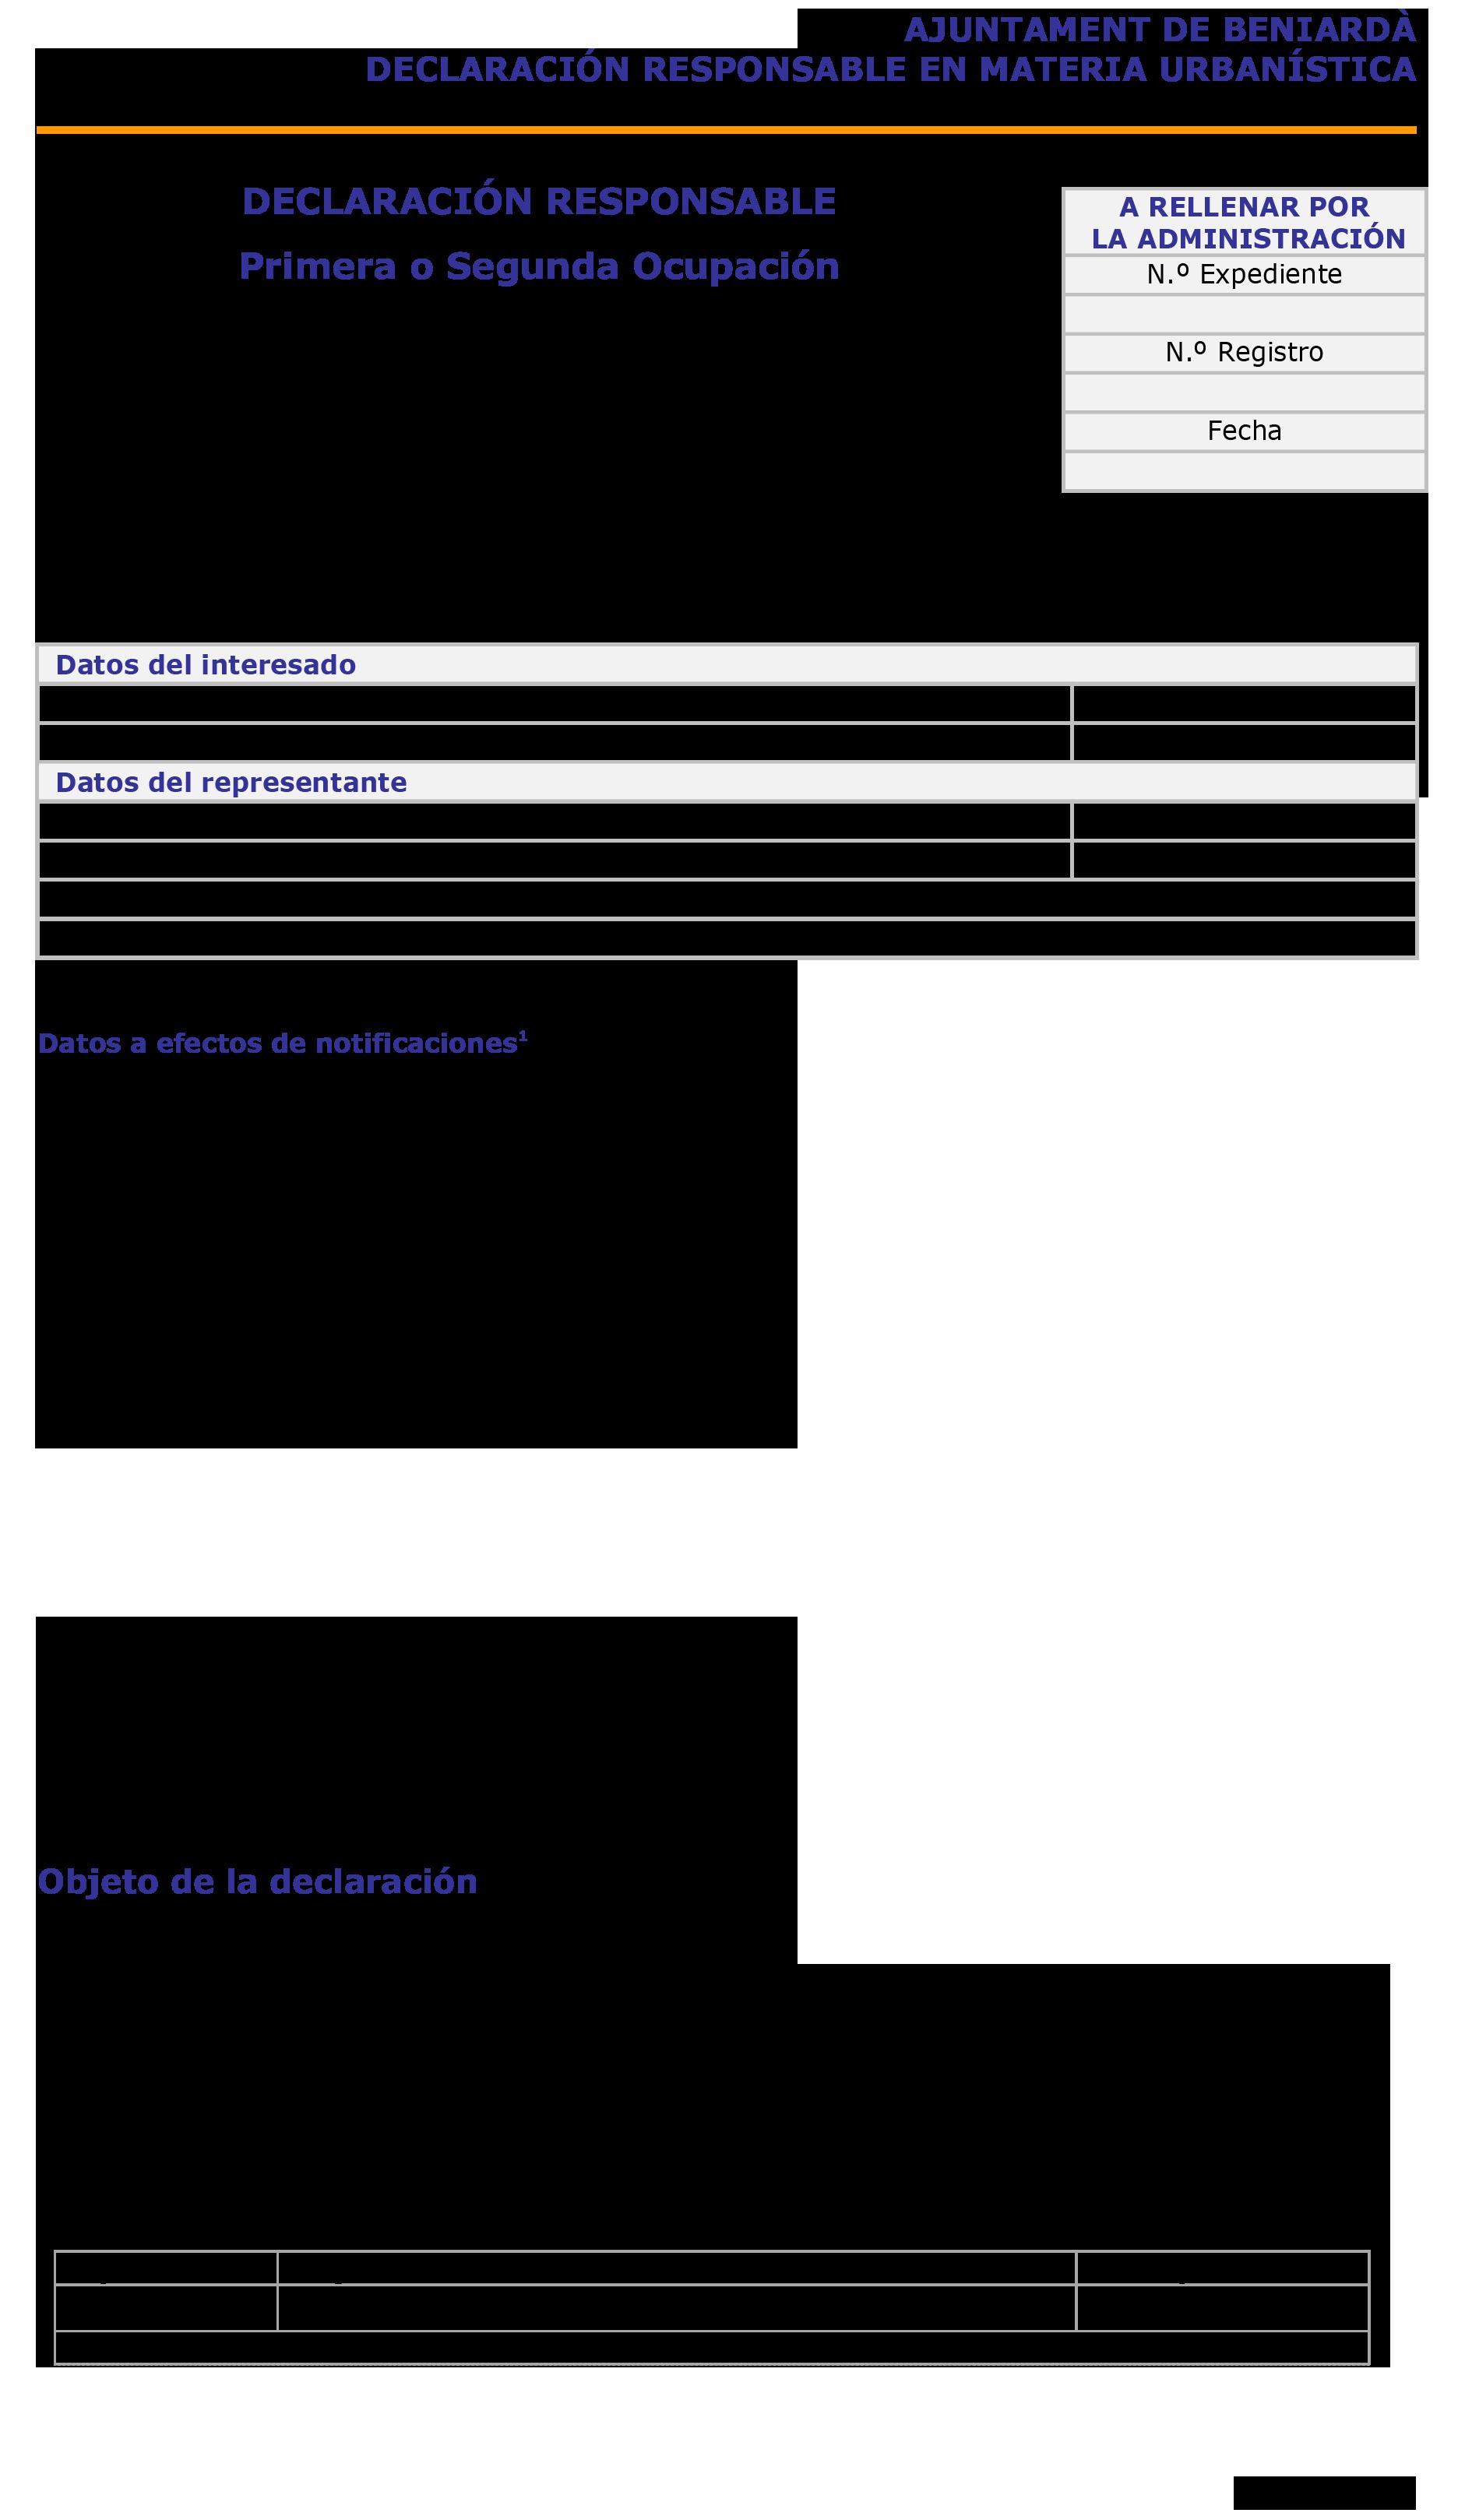 Impreso Declaración Responsable Segunda Ocupación - Beniardà 1